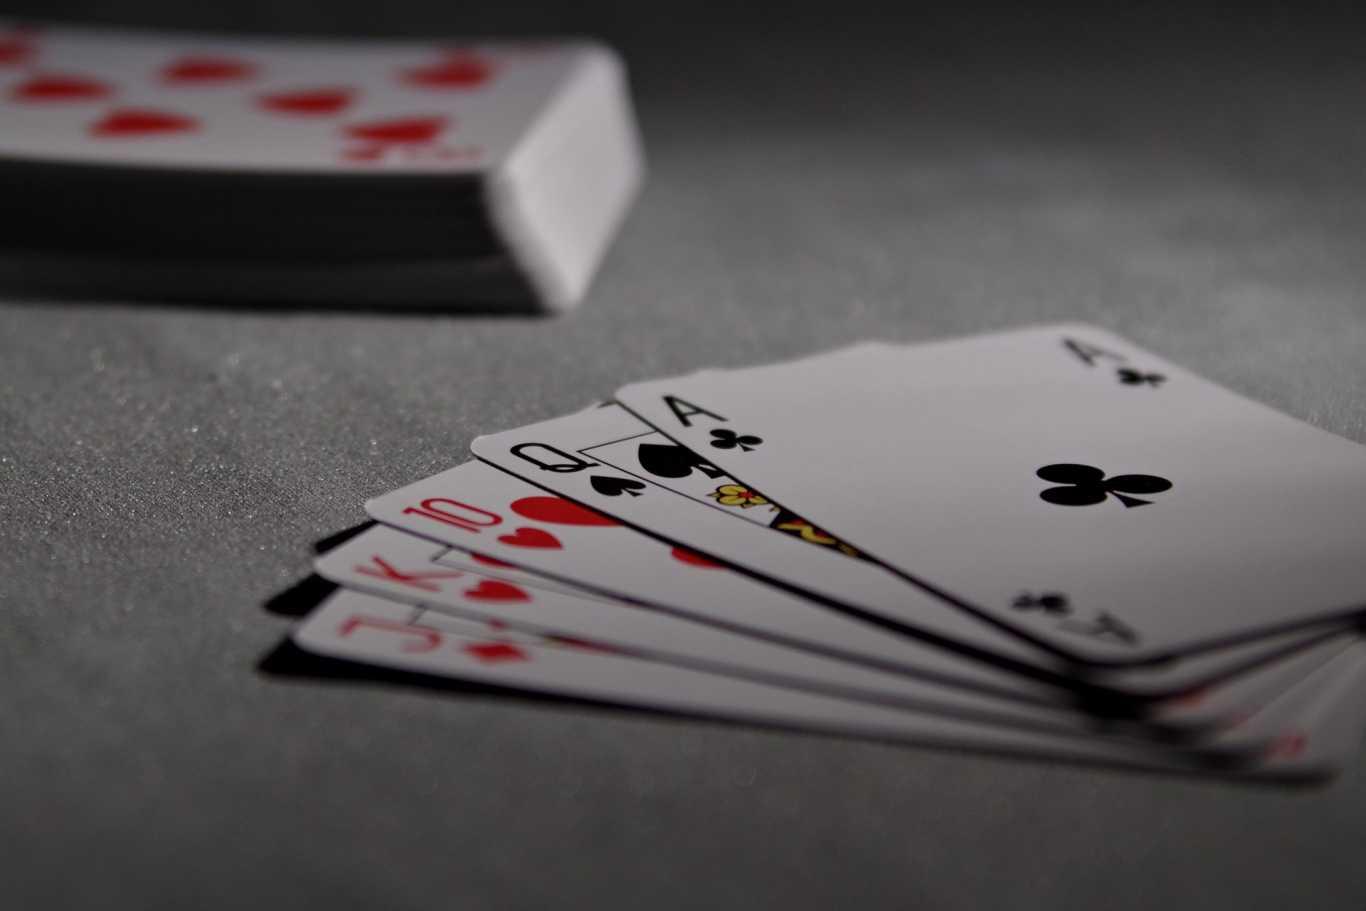 1xBet poker app